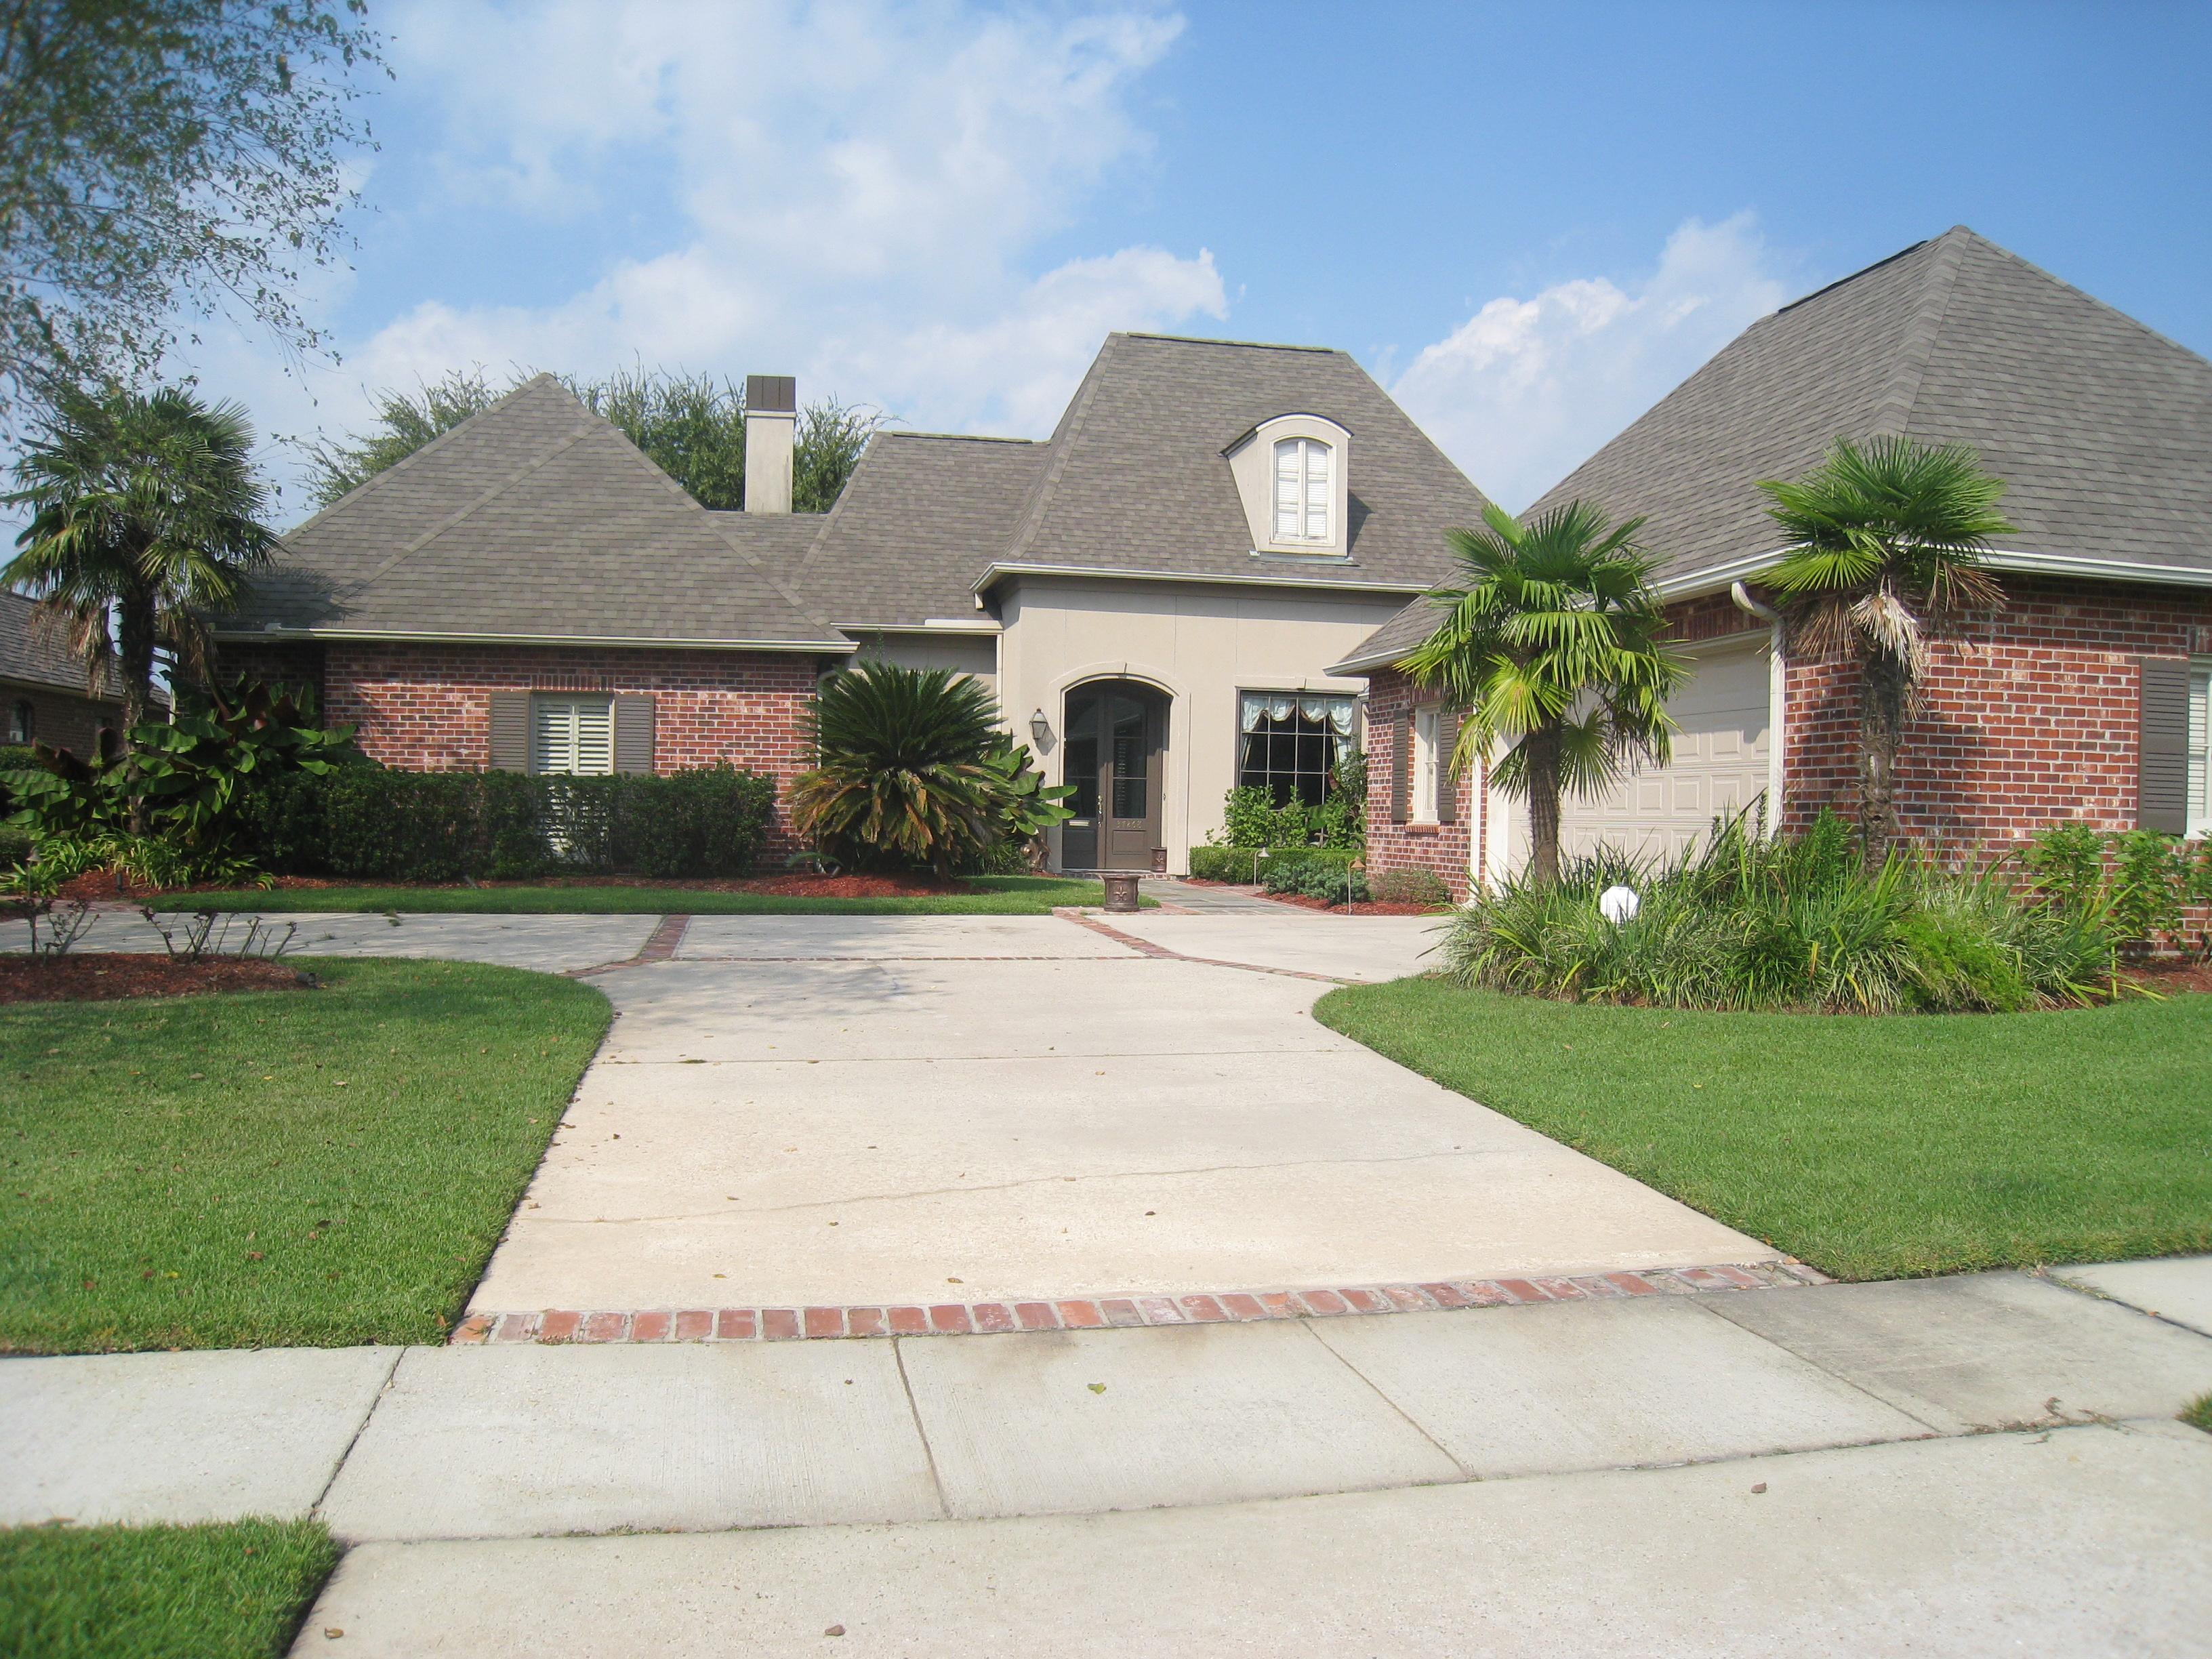 37268 Lakeshore Ave, Prairieville, Louisiana 70769